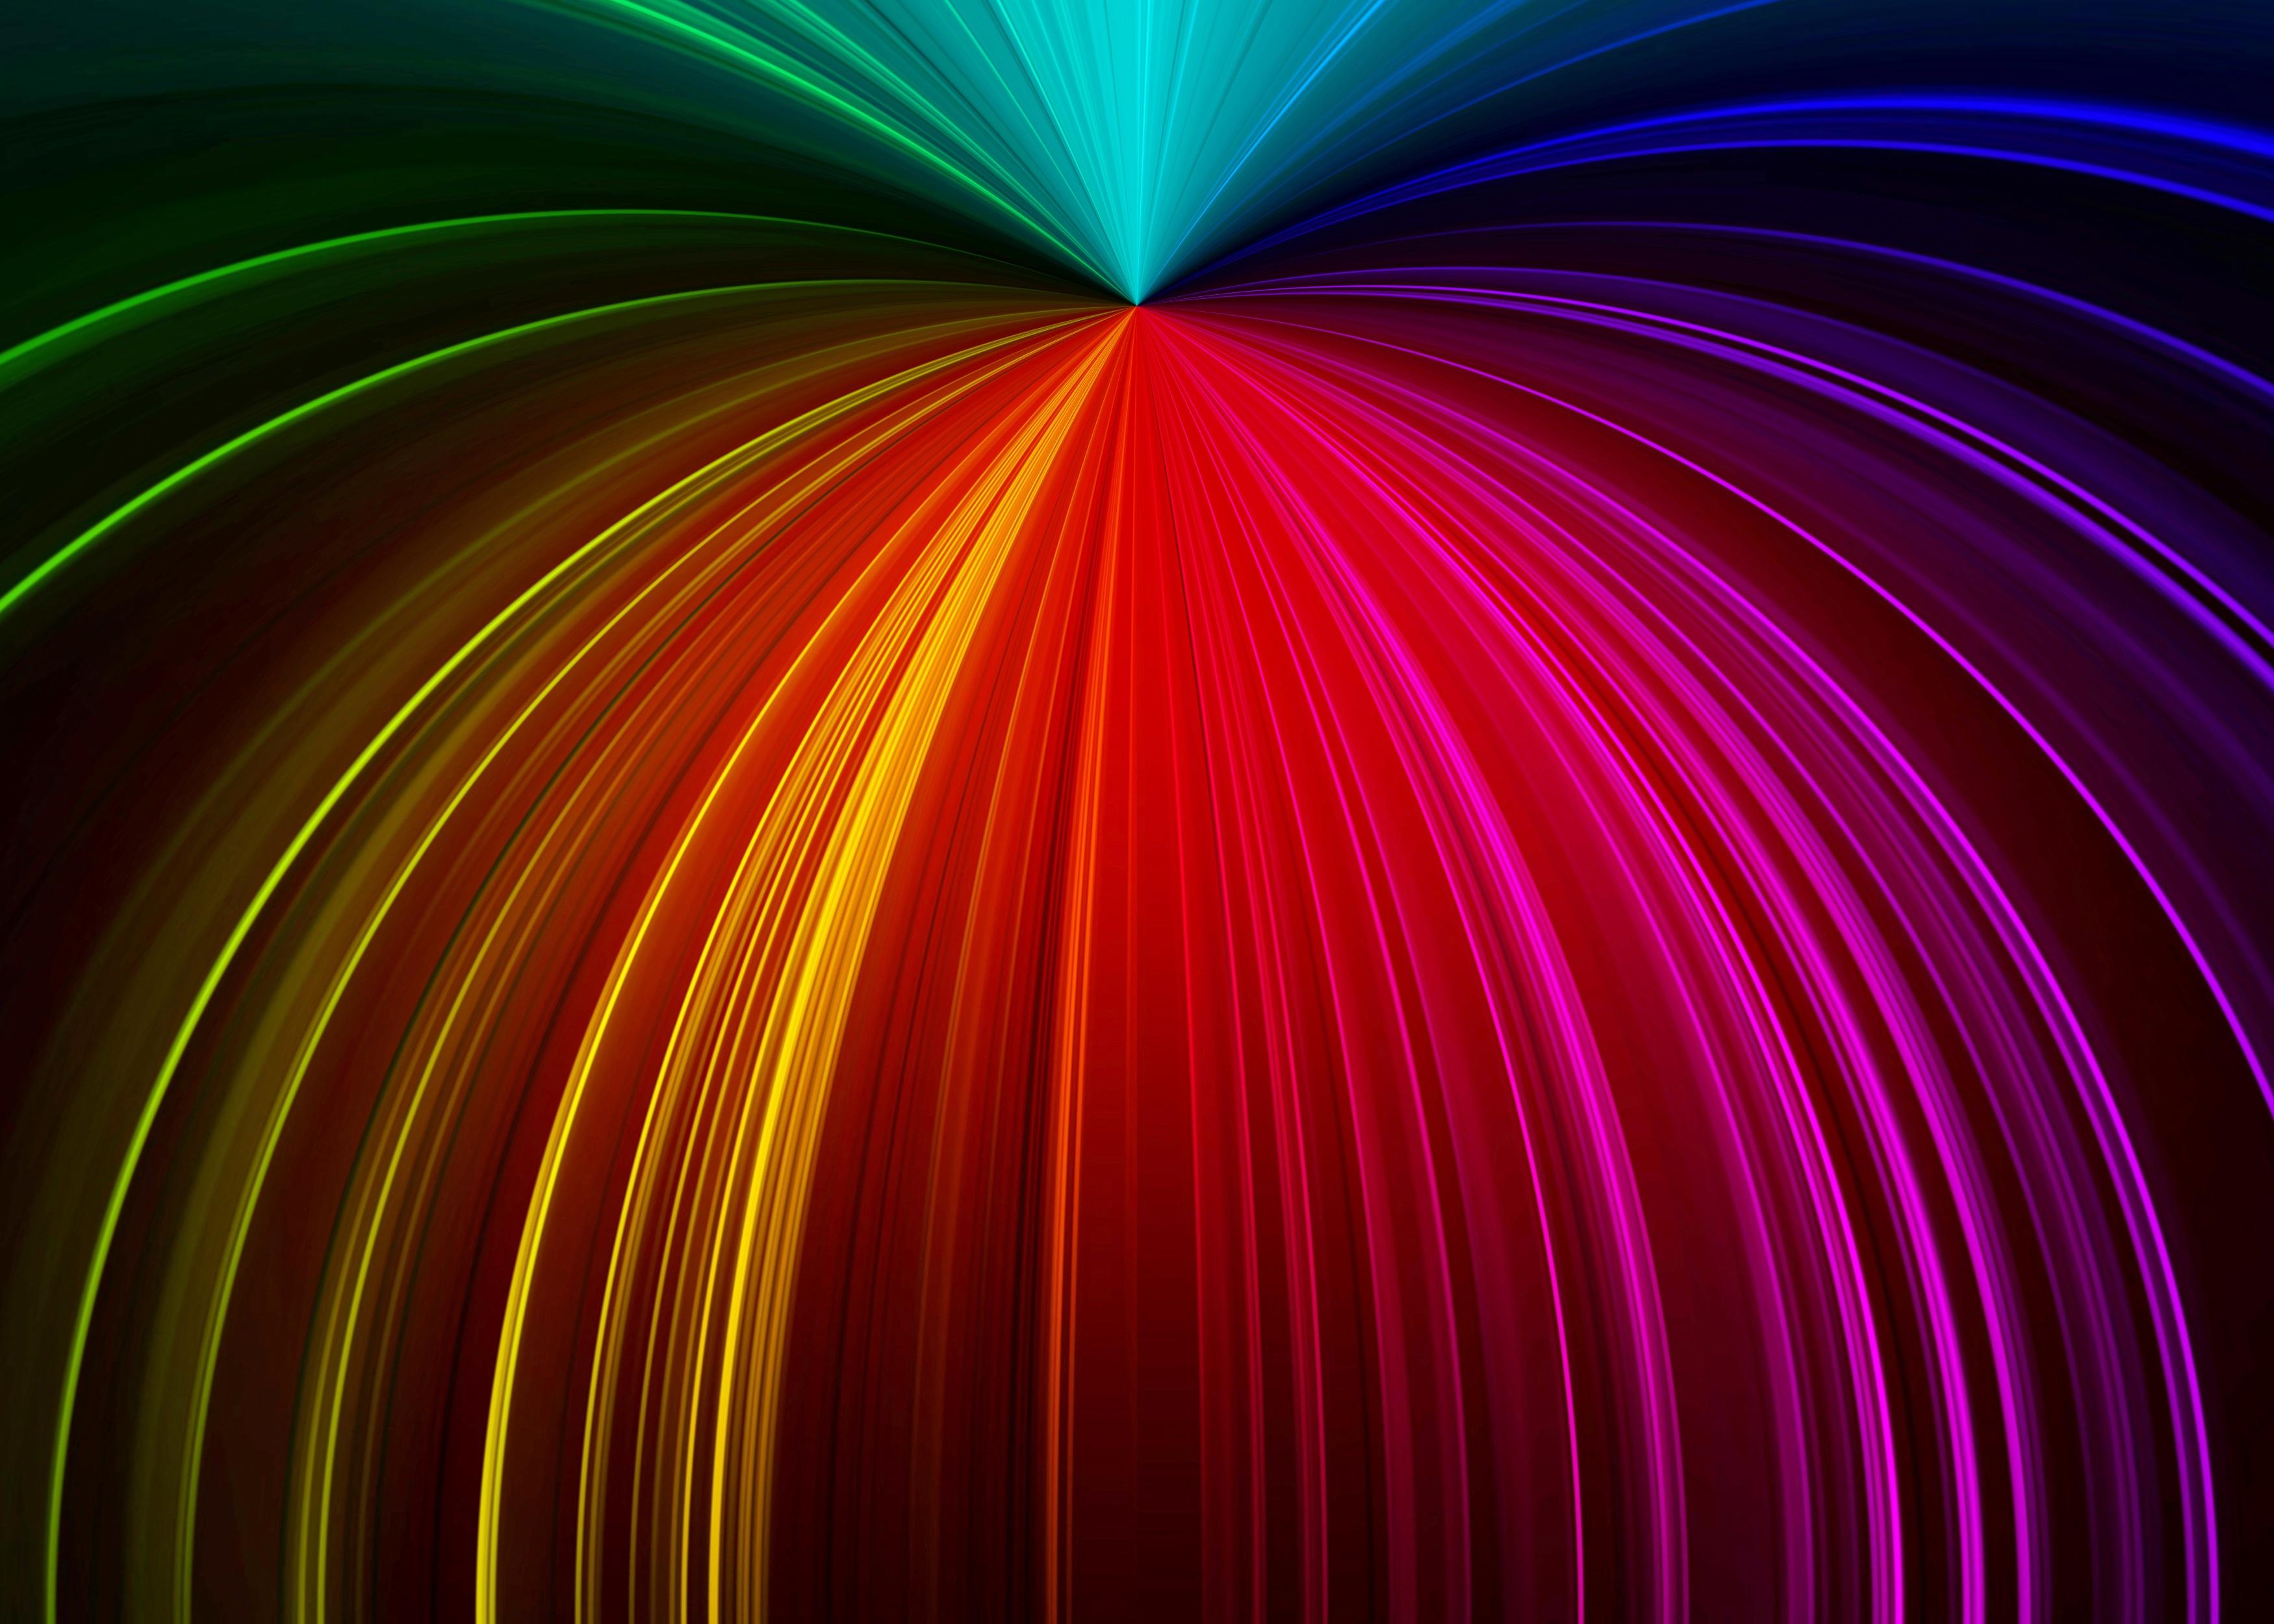 106840 завантажити шпалери Абстракція, Промені, Різнобарвний, Строката, Лінії, Блиск - заставки і картинки безкоштовно